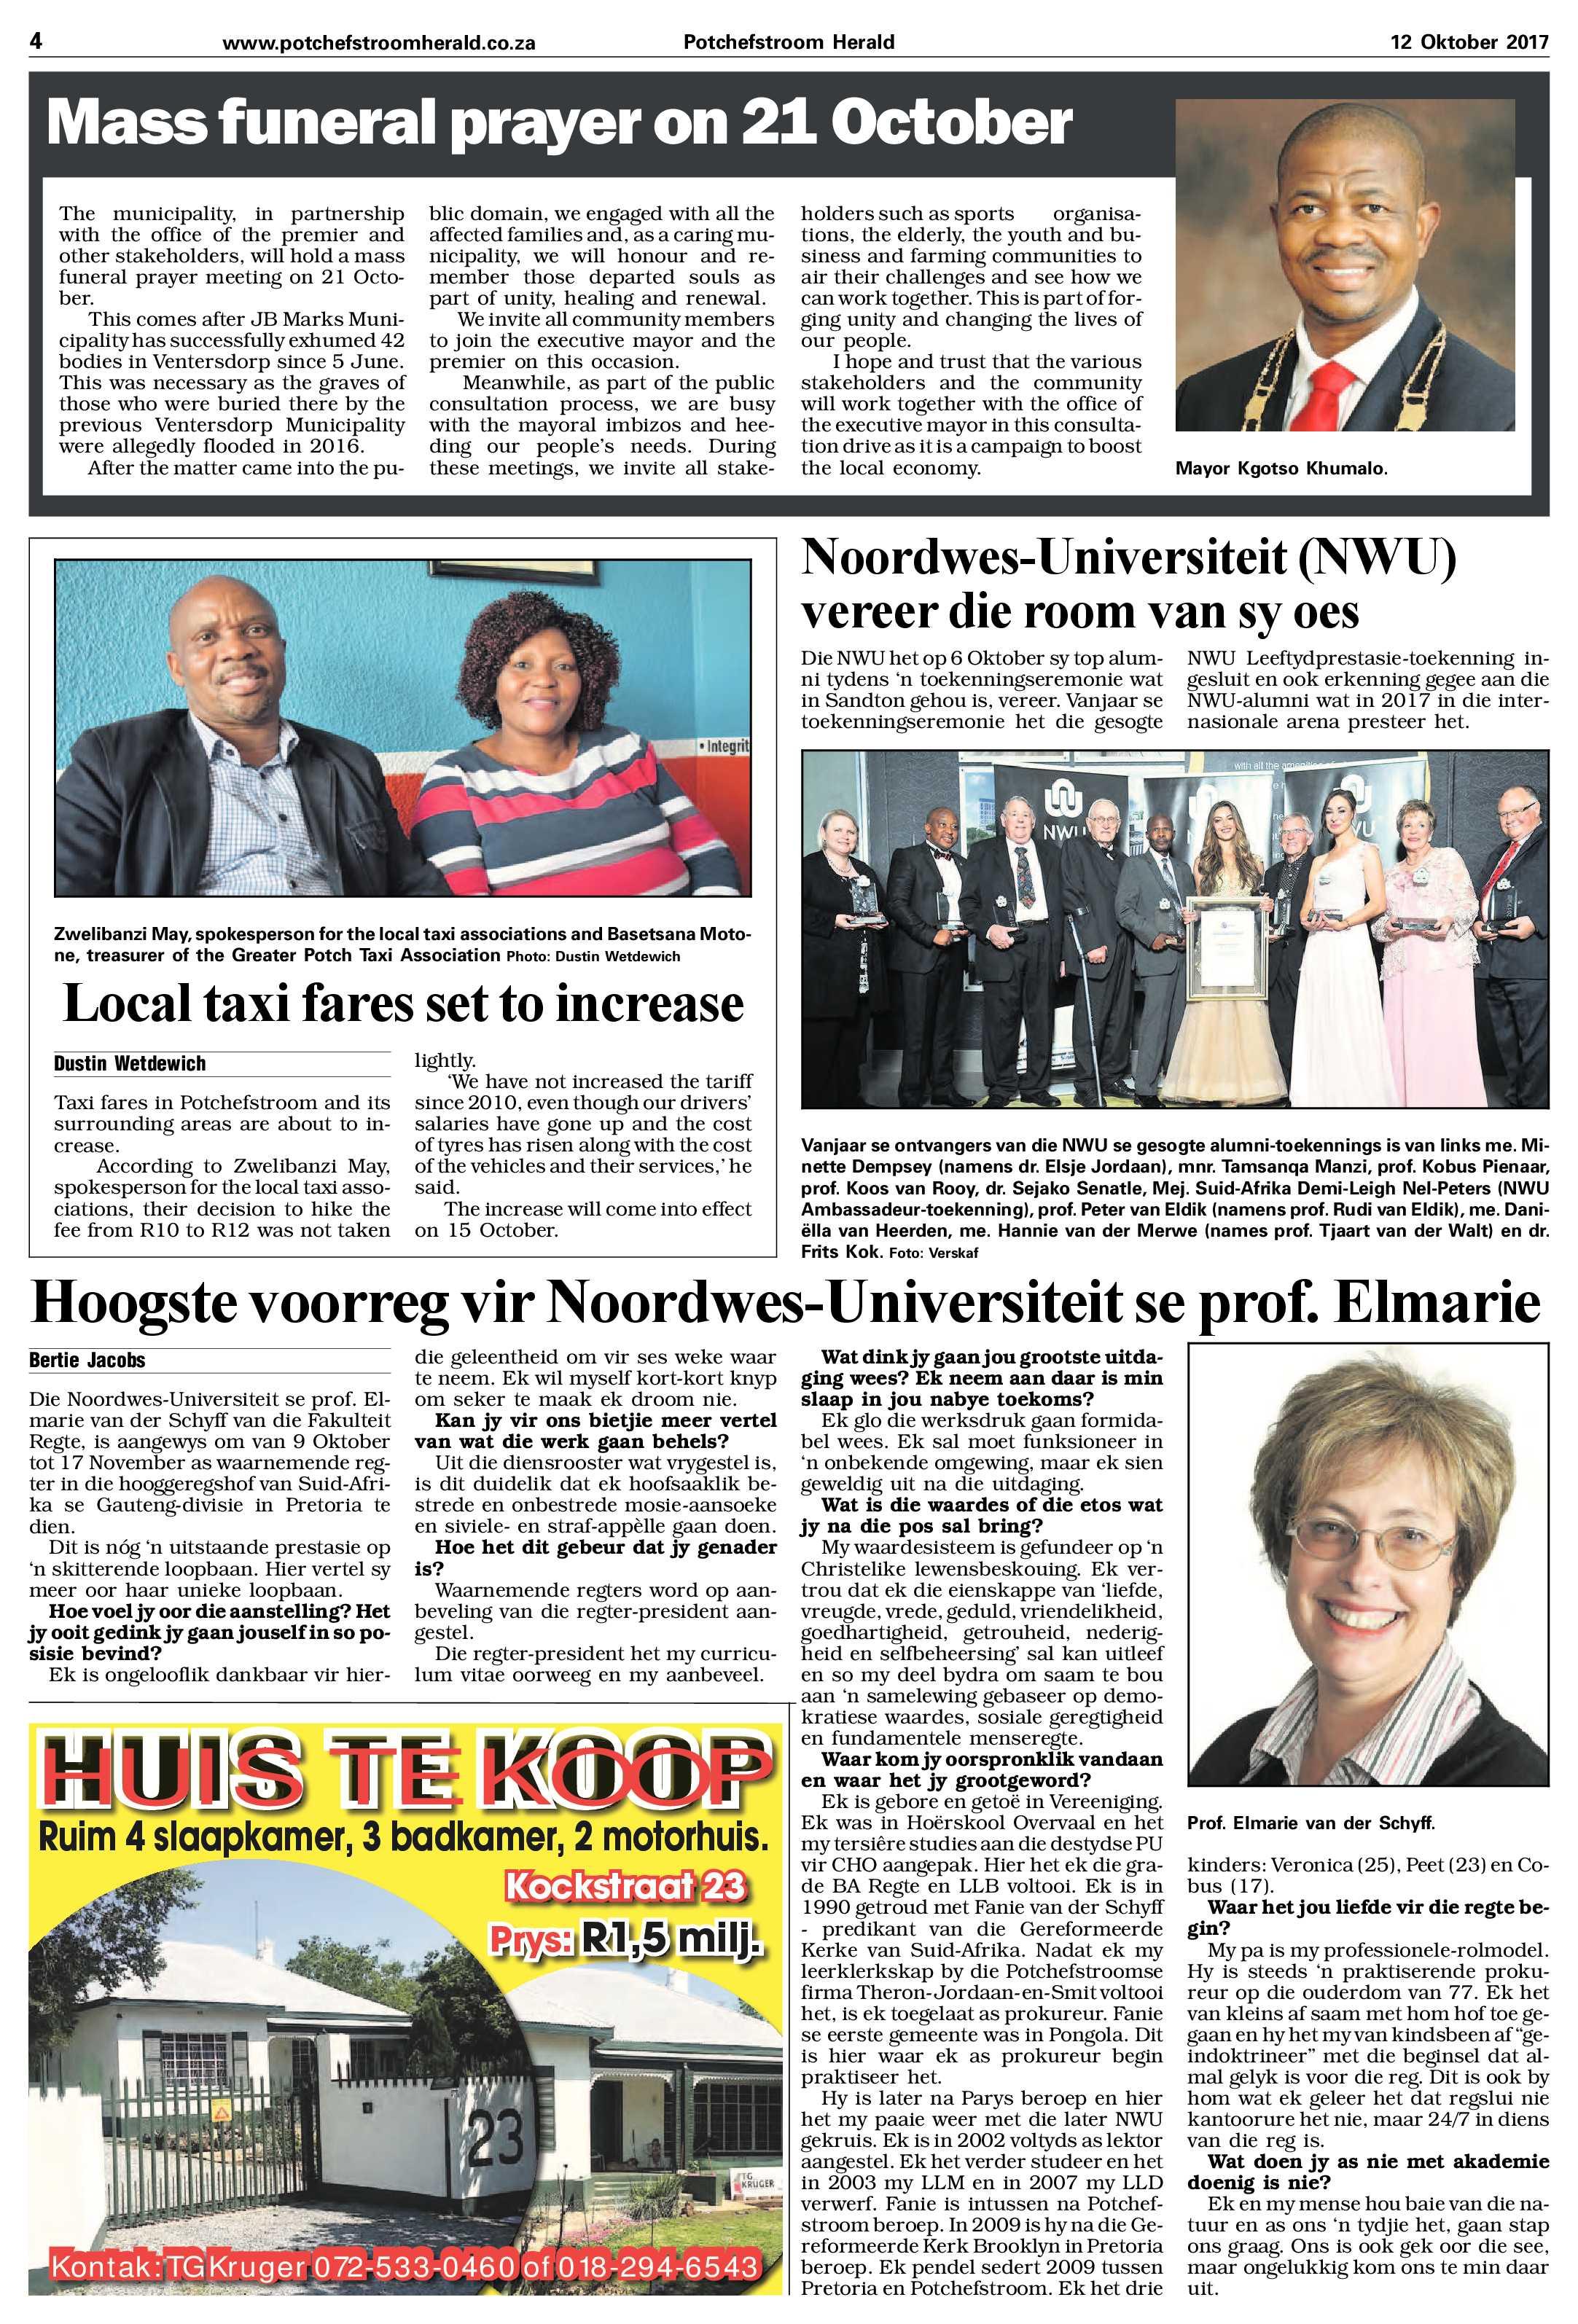 12-oktober-2017-epapers-page-4